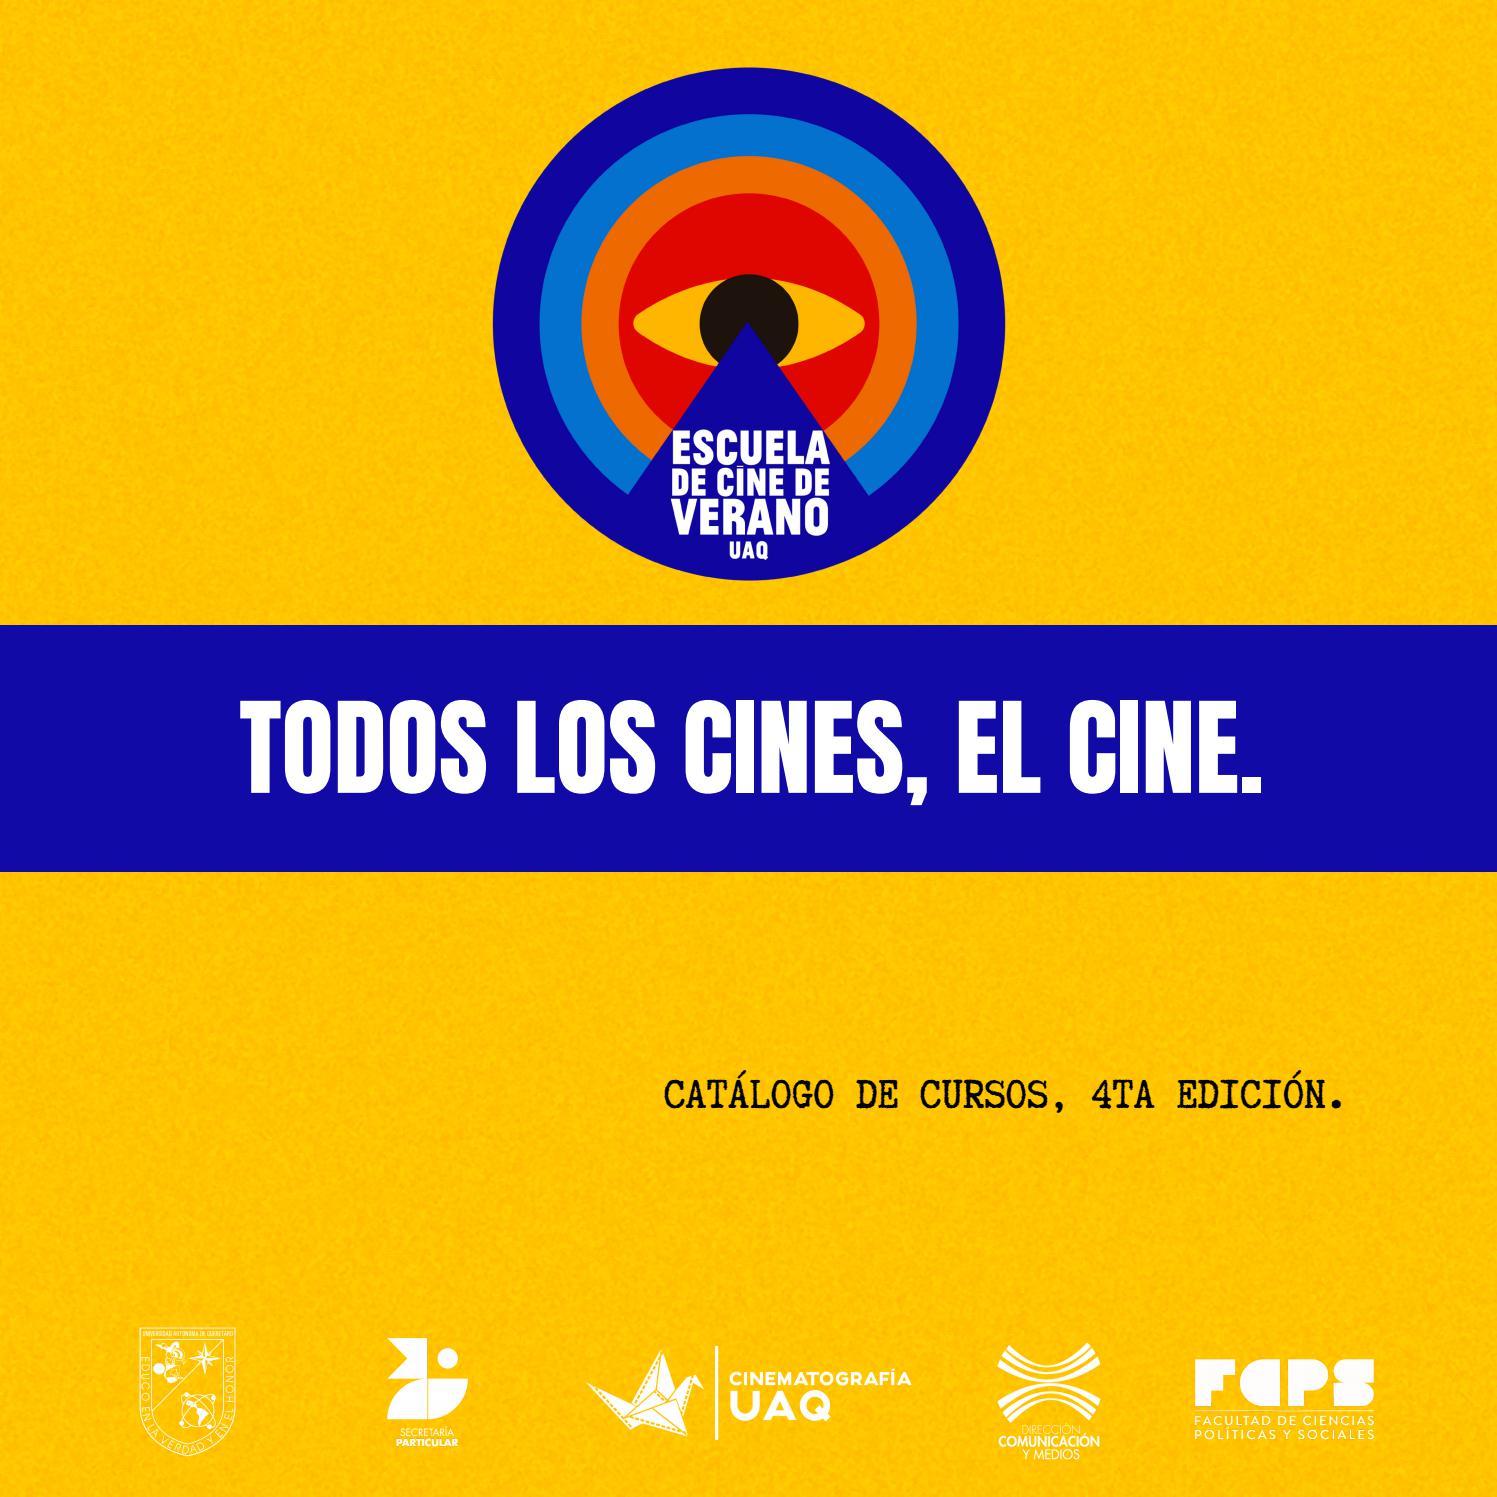 Catalogo Escuela De Cine De Verano De La Uaq 2021 By Cinematografia Uaq Issuu